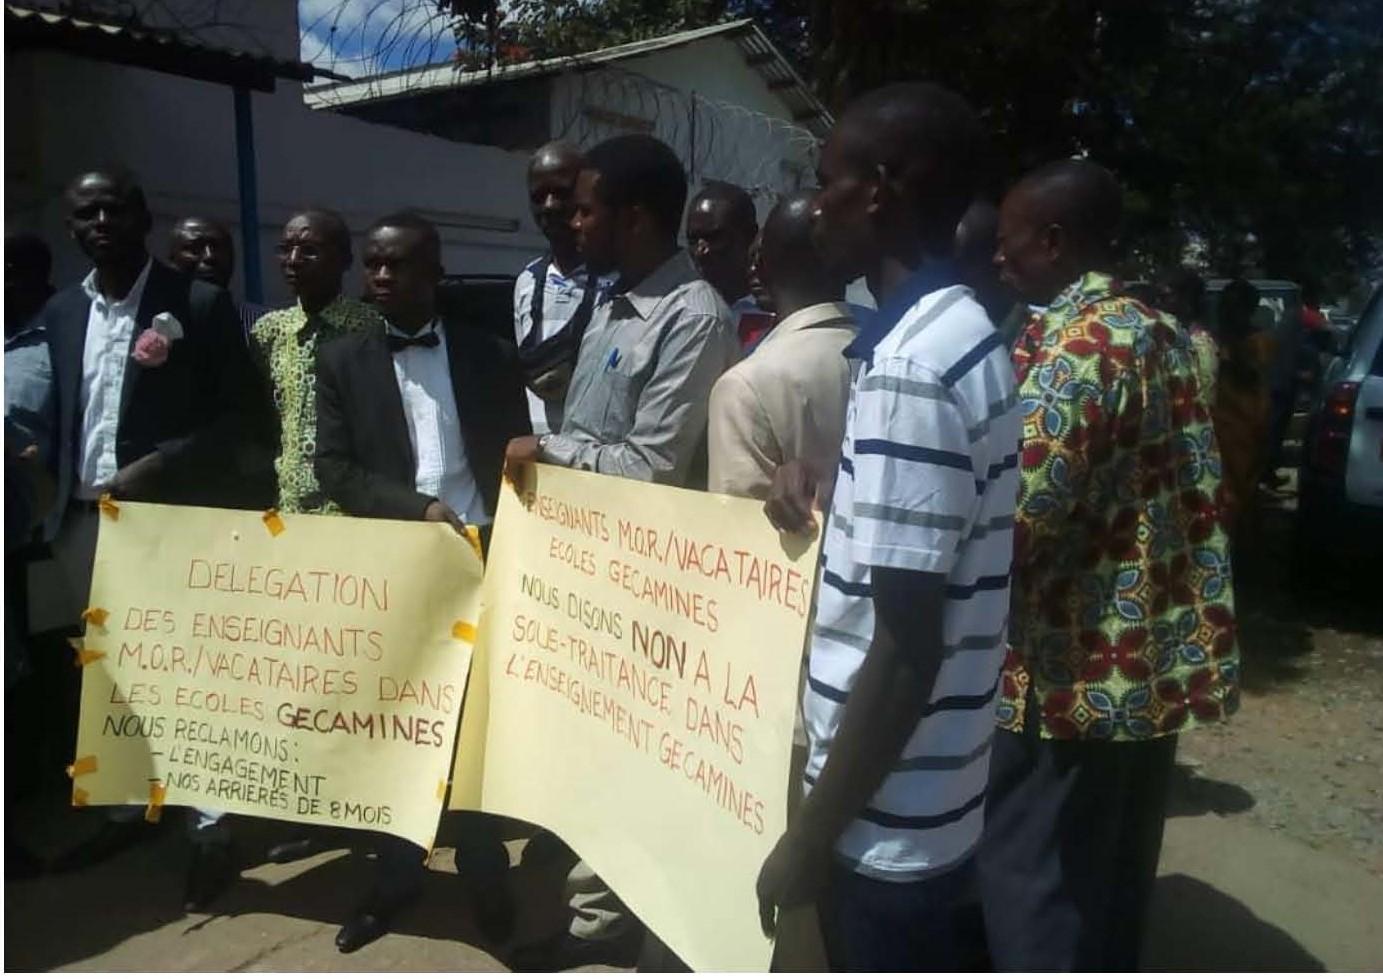 Lubumbashi: les enseignants vacataires de la Gécamines réclament les meilleures conditions de travail